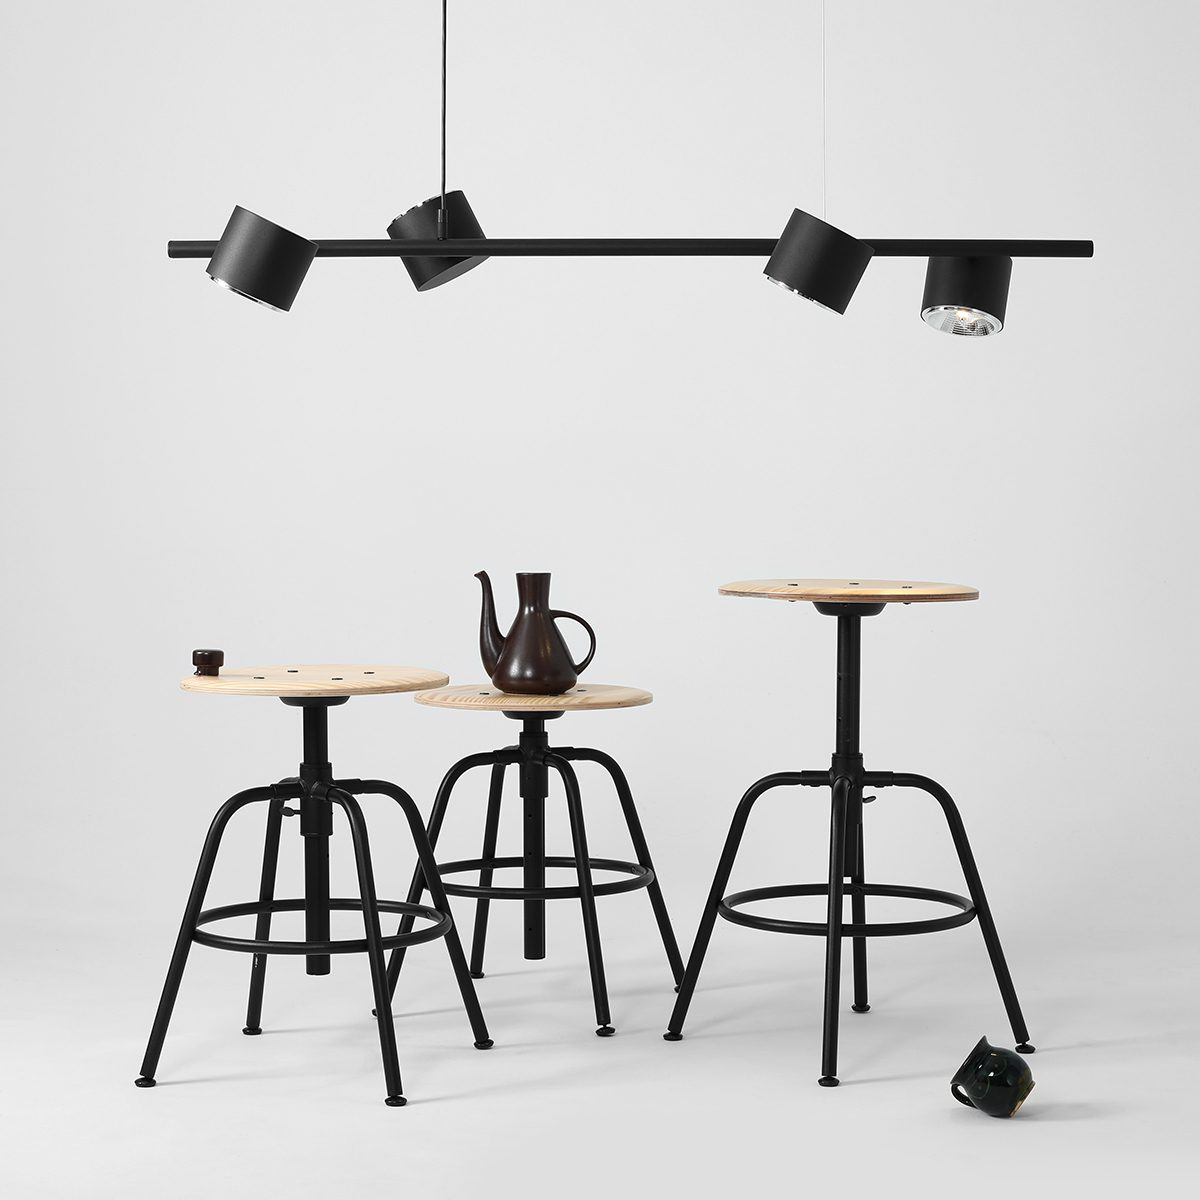 duza-prosta-lampa-wiszaca-z-czterema-reflektorami-sklep-internetowy-z-wyposazeniem-wnetrz-ryssa